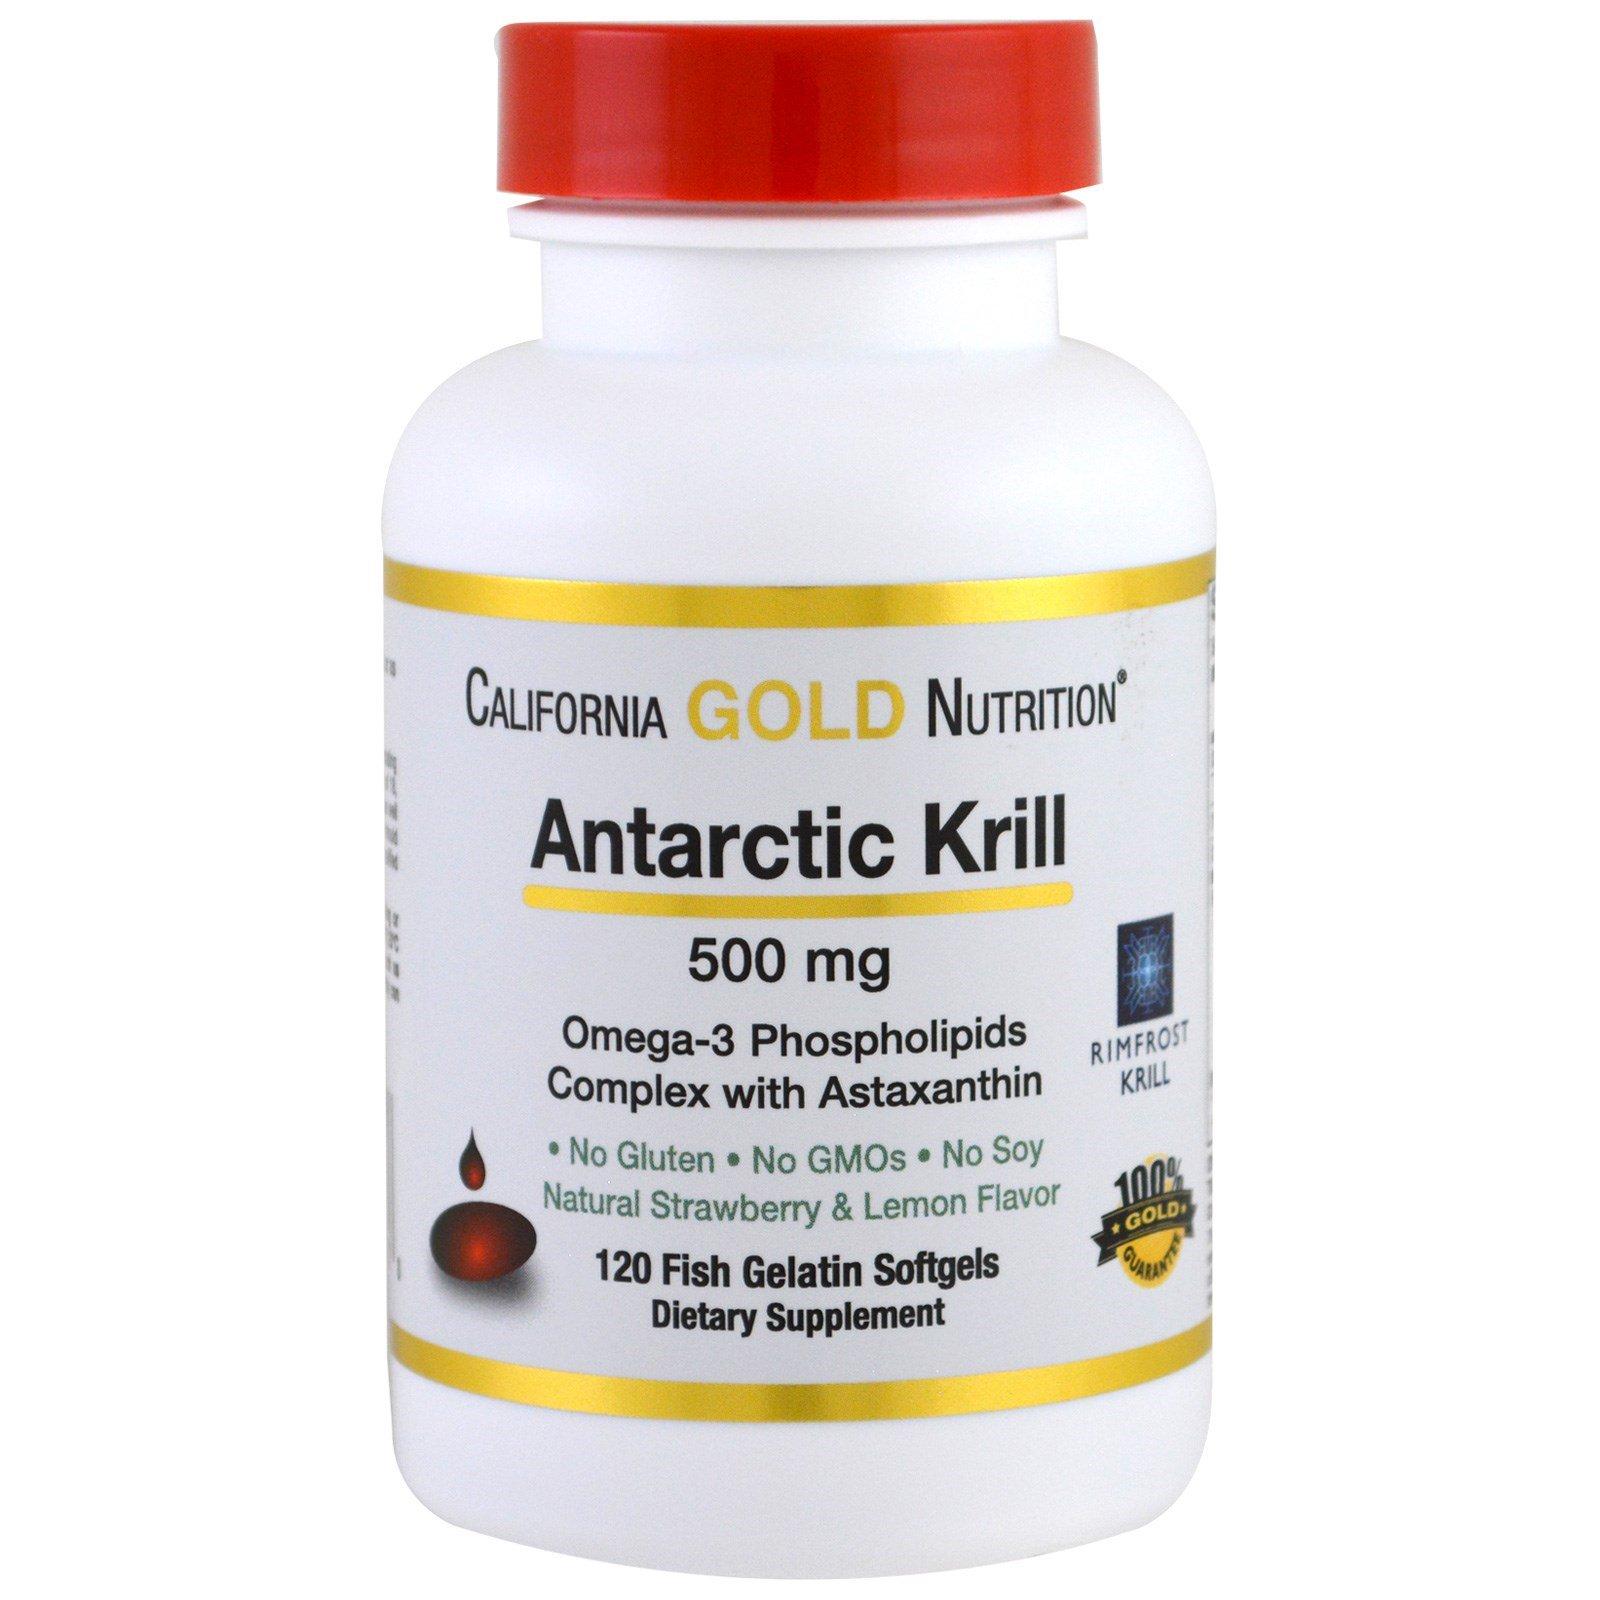 California Gold Nutrition, Жир арктического криля, с астаксантином, RIMFROST, натуральный клубничный и лимонный вкус, 500 мг, 120 желатиновых капсул-рыбок